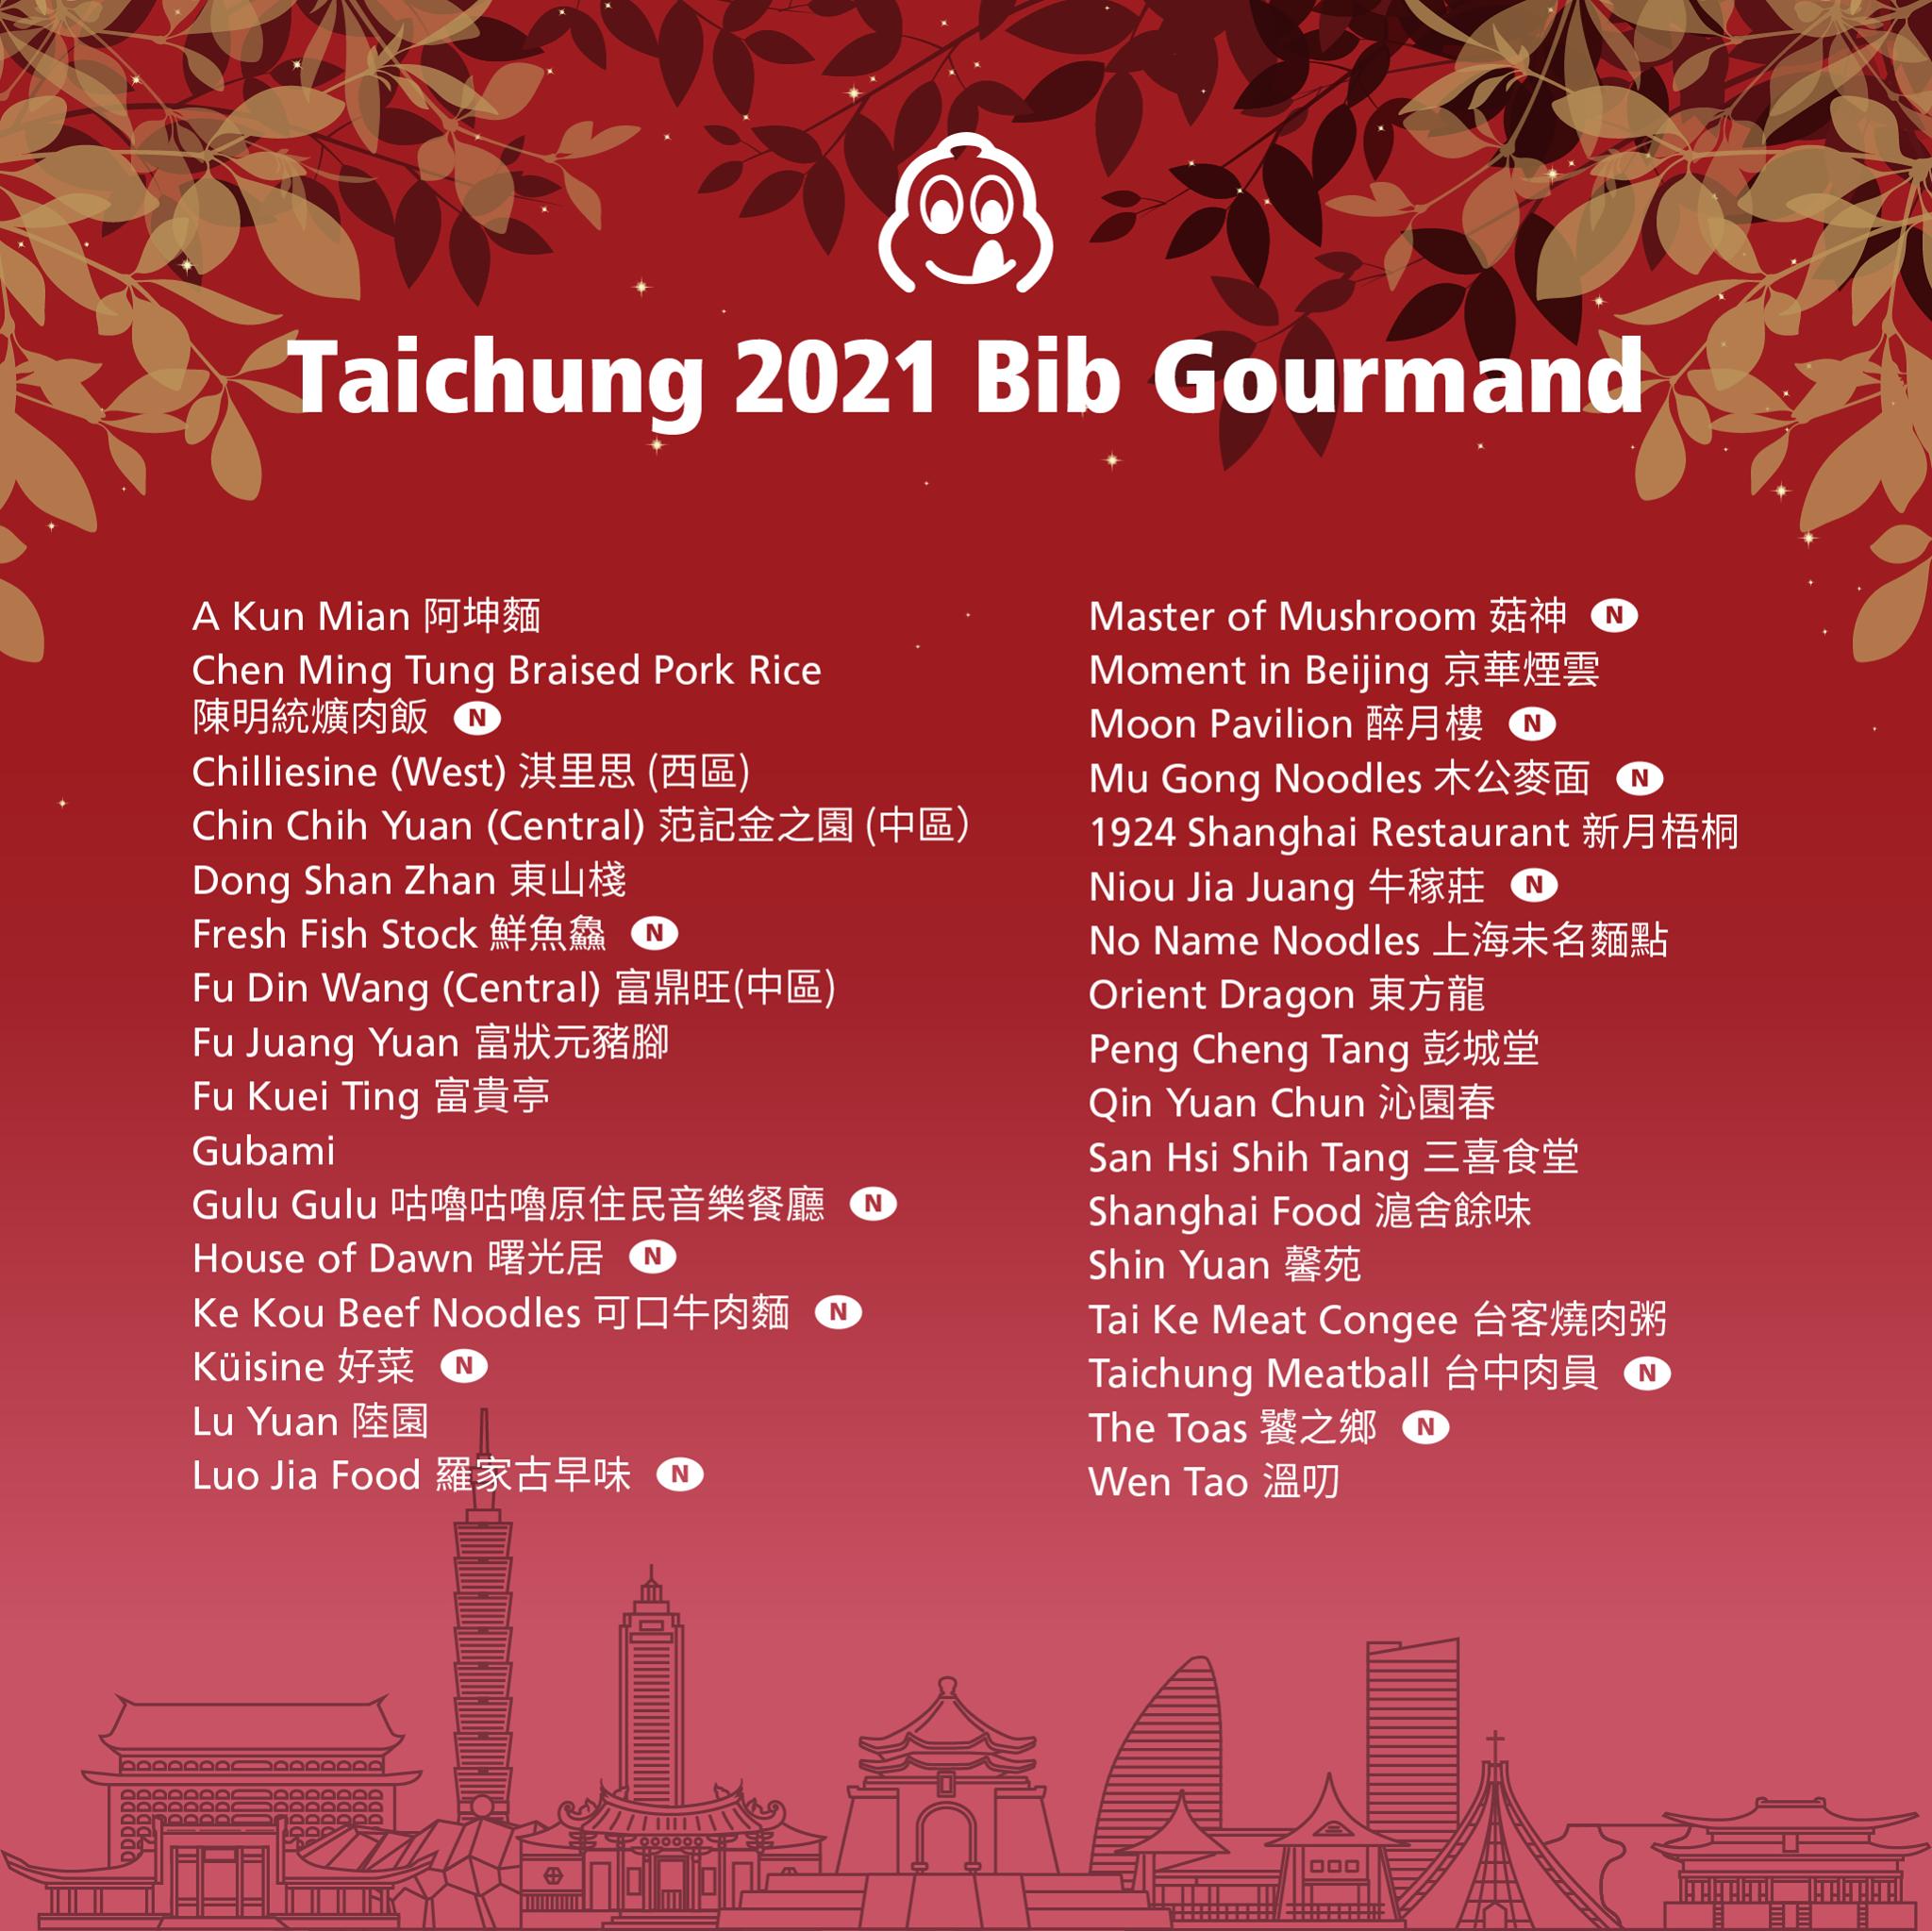 【台北台中】2021米其林必比登完整名單:台北新增6家 x 台中新增13家 @飛天璇的口袋